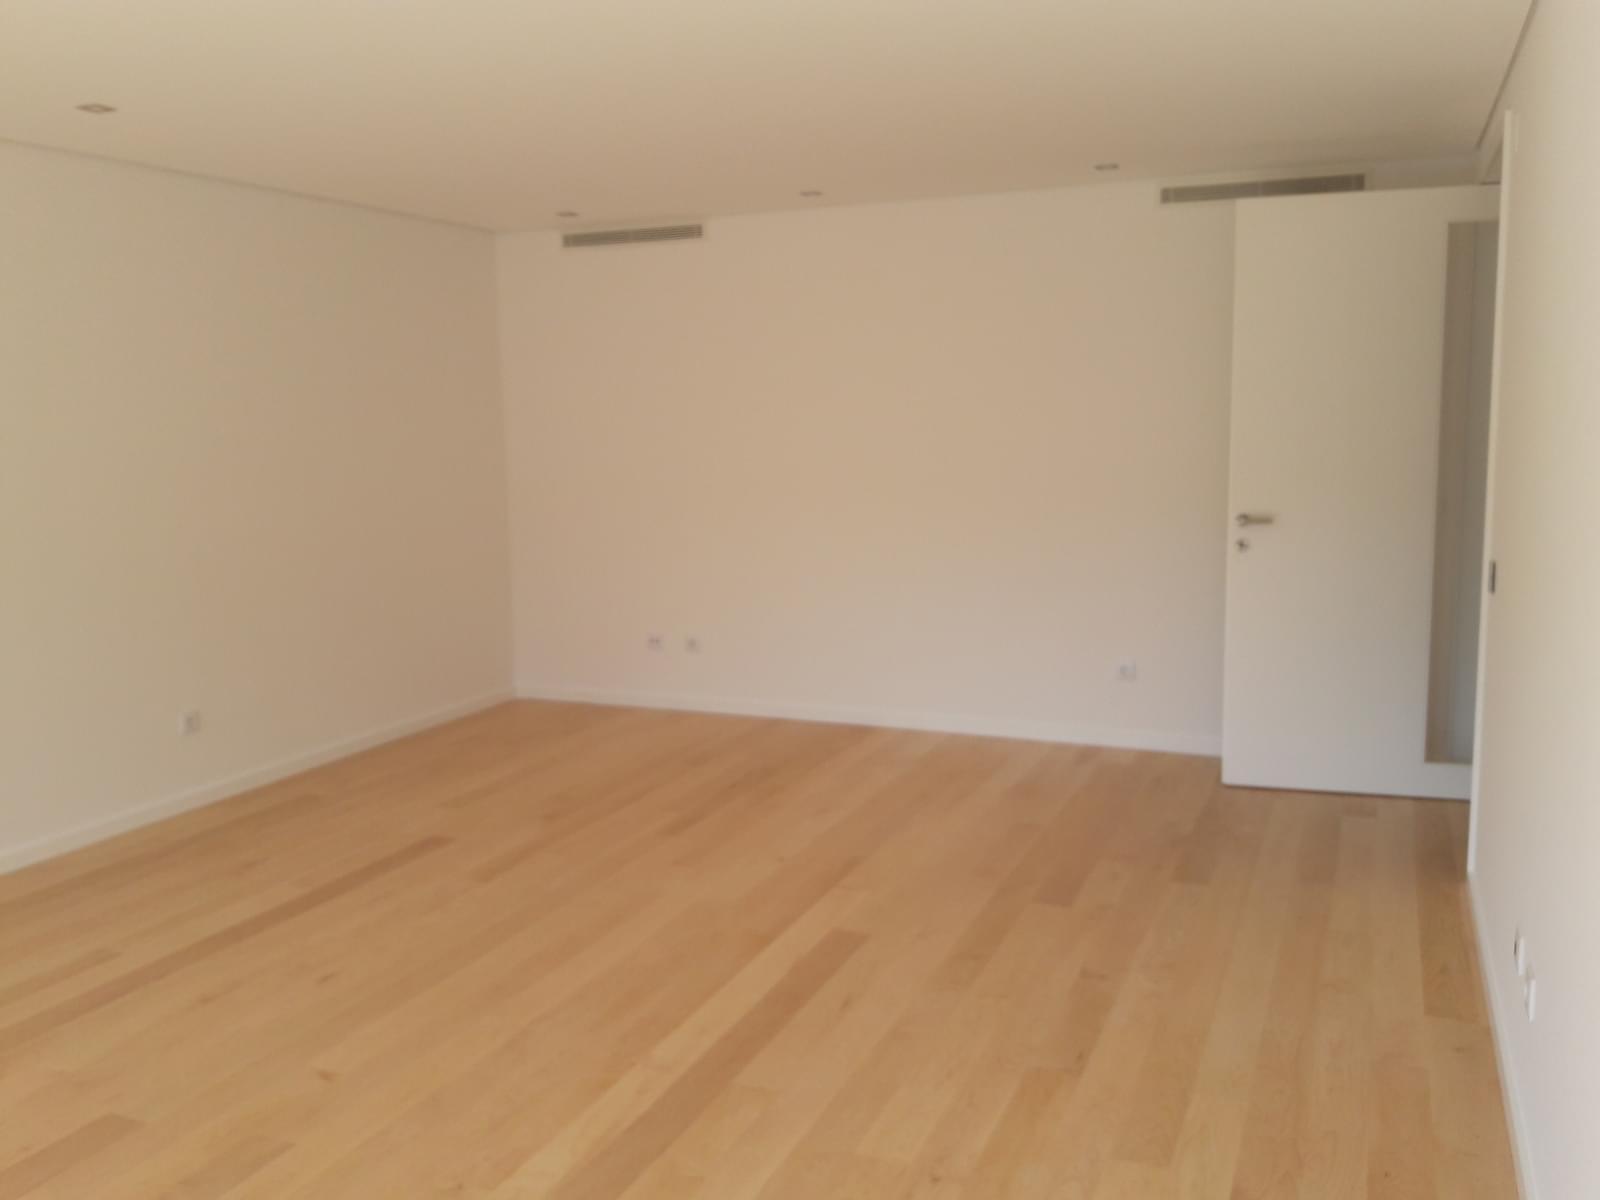 pf18284-apartamento-t2-cascais-6c5da585-9753-4051-b241-ab009935ef36